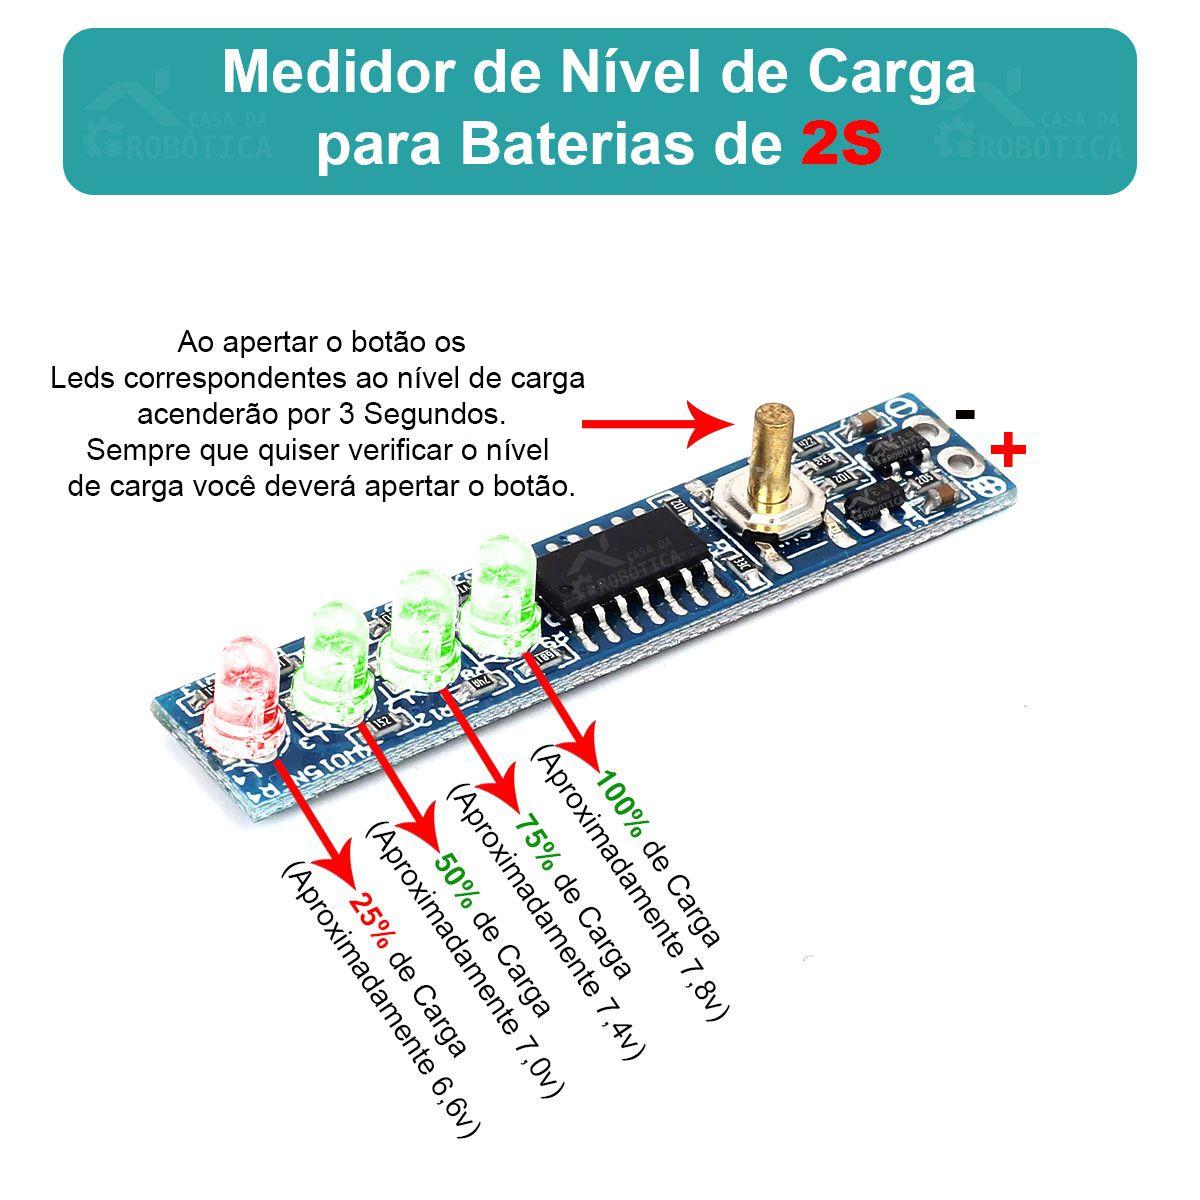 2x Voltímetro Indicador de Nível de Carga para Baterias 2S 8,4V